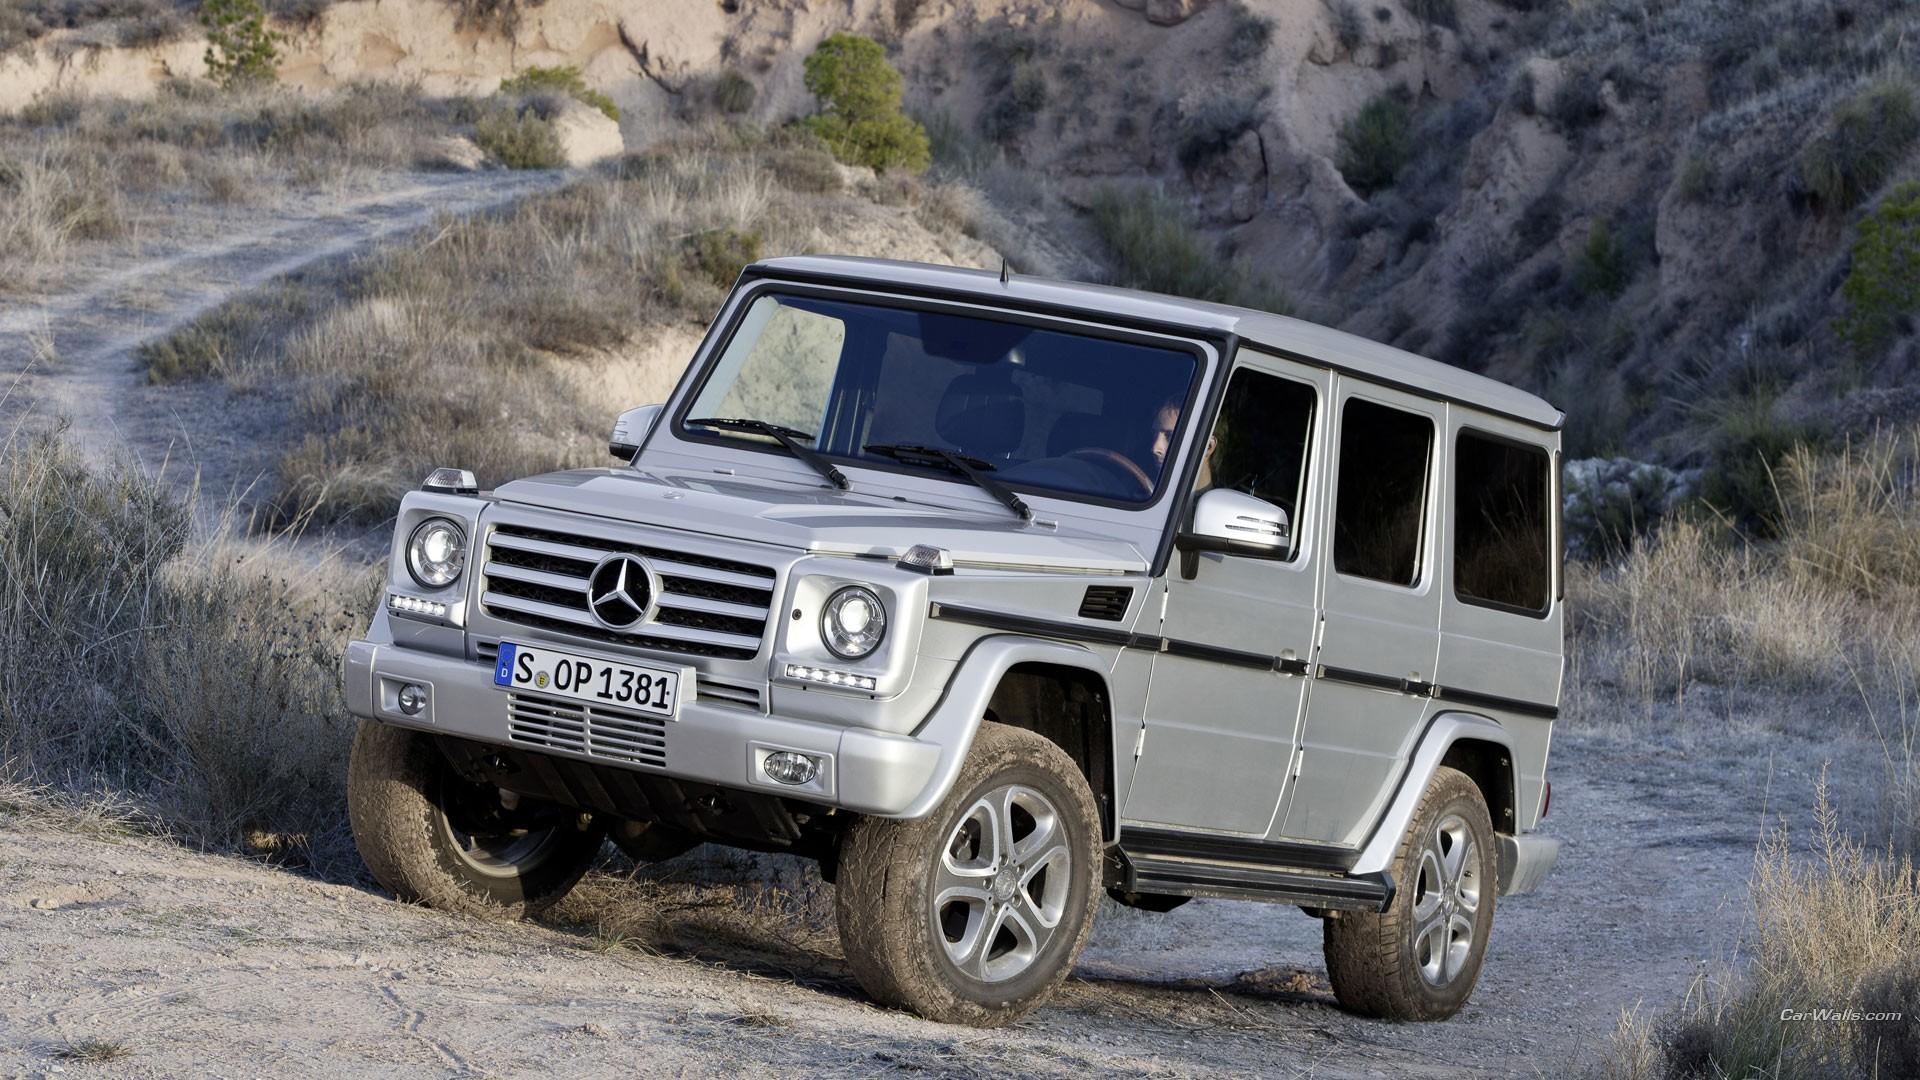 Wallpaper : car, Mercedes Benz, mercedes benz g class, silver cars